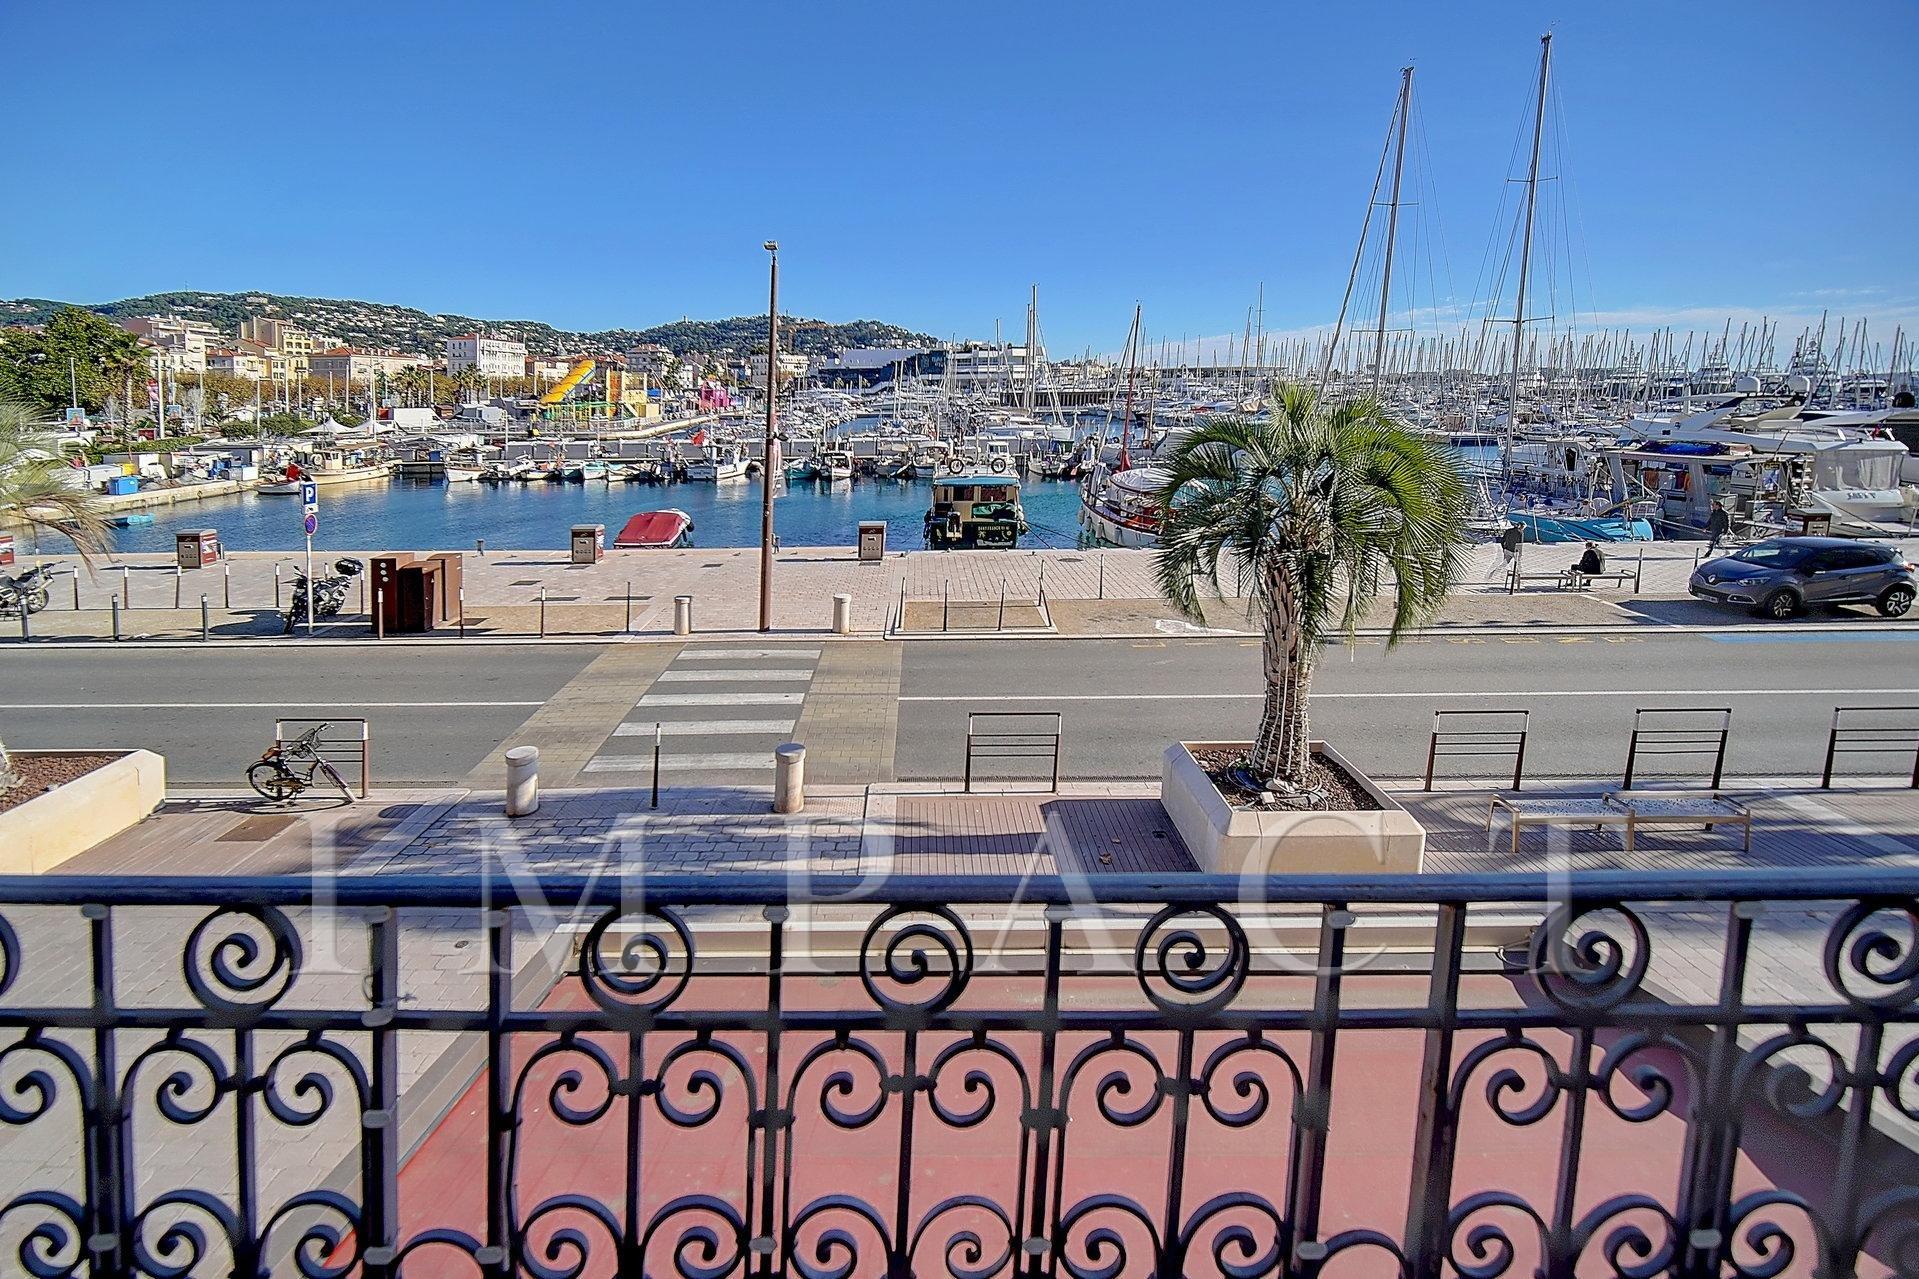 Appartement 2 chambres Location Saisonnière vue vieux port de Cannes